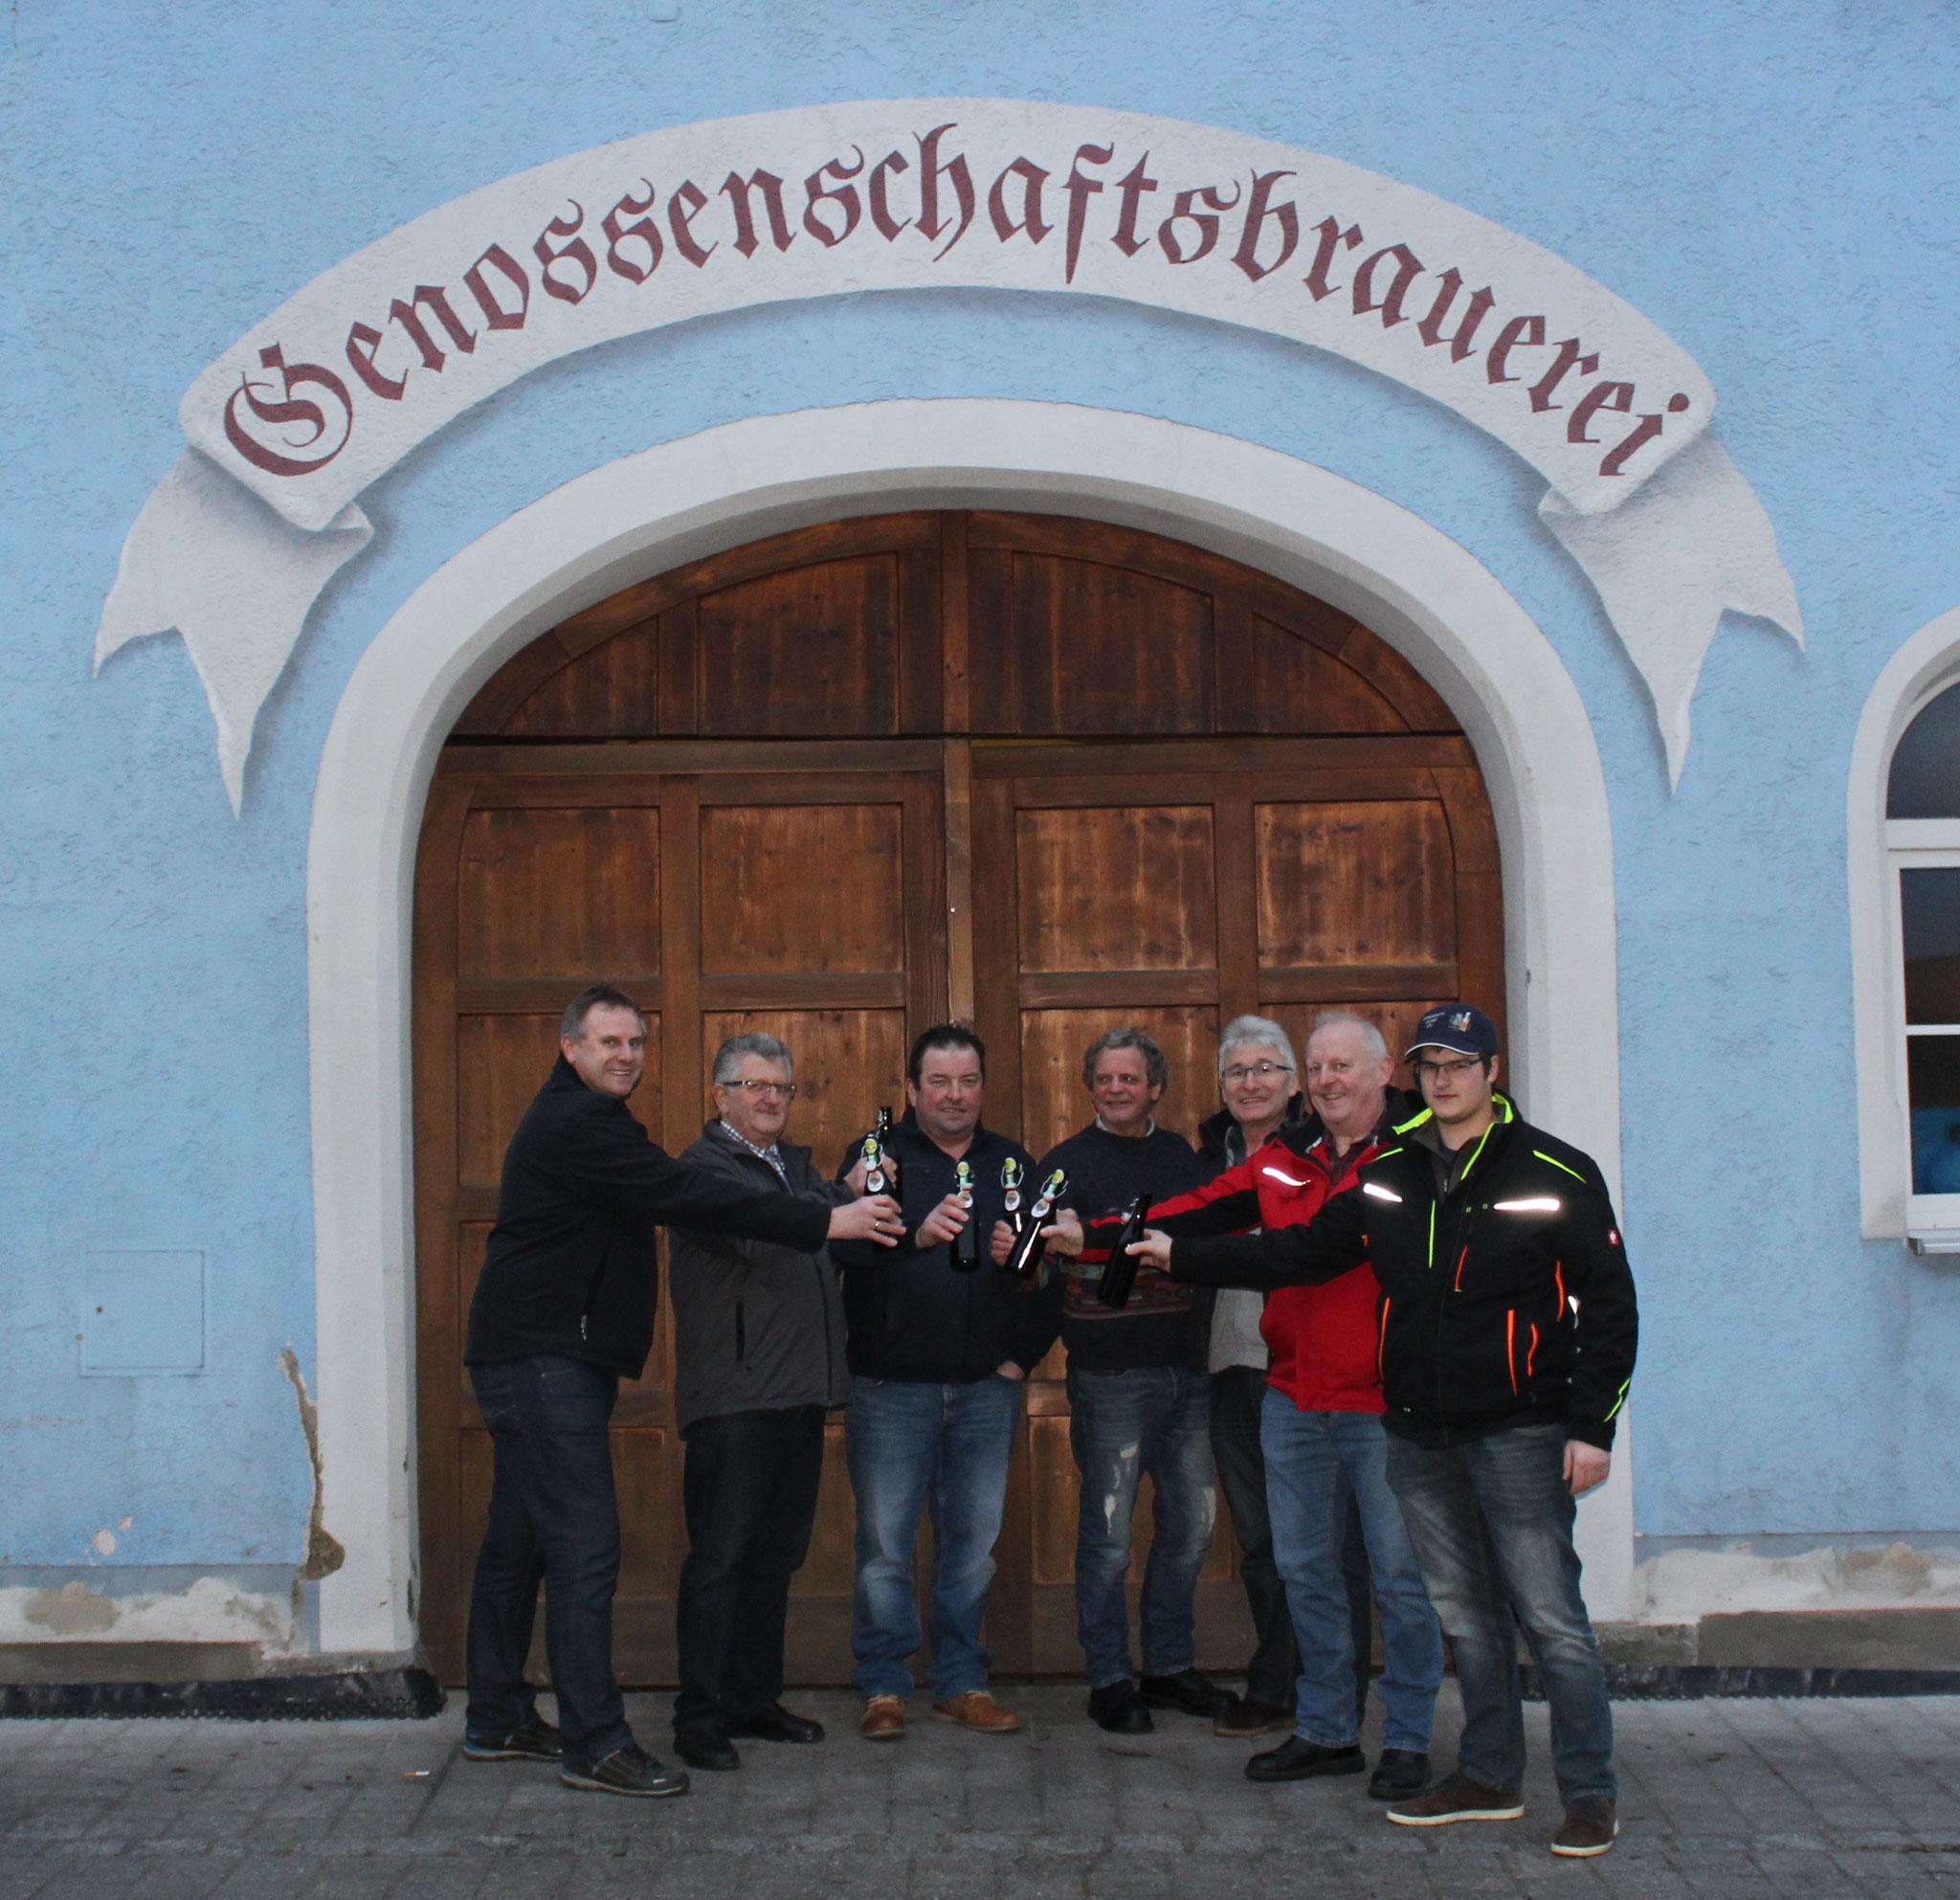 Wolfgang Niebauer (Festleitung), Josef Winklmann (Aufsichtsrat Genossenschaftsbrauerei), Wolfgang Schmidt (Festleitung), Sepp Graßl (Braumeister) Georg Vogl (Vorstand Genossenschaftsbrauerei), Franz Mühlbauer (Festleitung), Florian Kestler (Schankkellner)